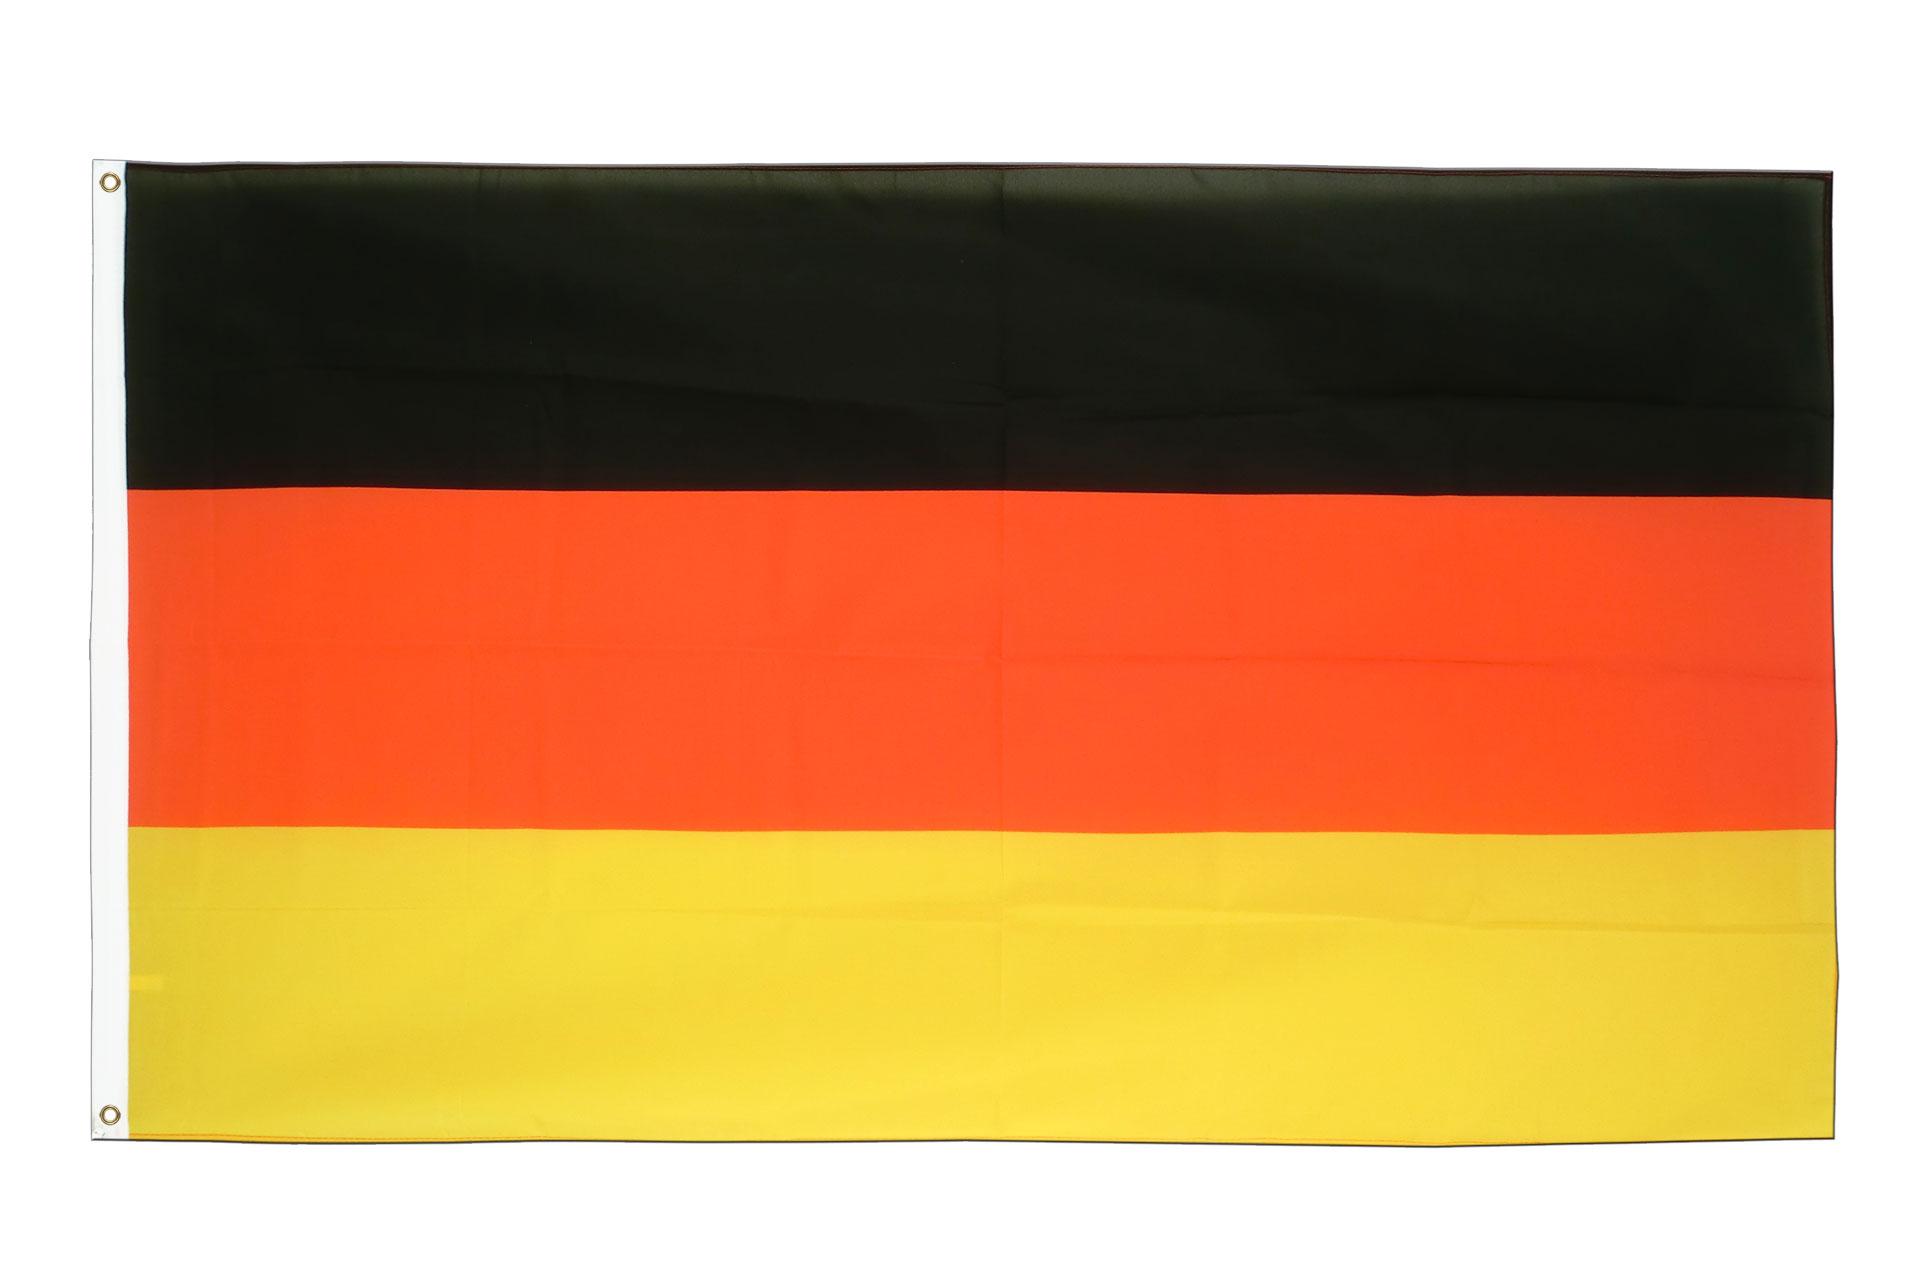 deutschland flagge deutsche fahne kaufen fahnen shop. Black Bedroom Furniture Sets. Home Design Ideas